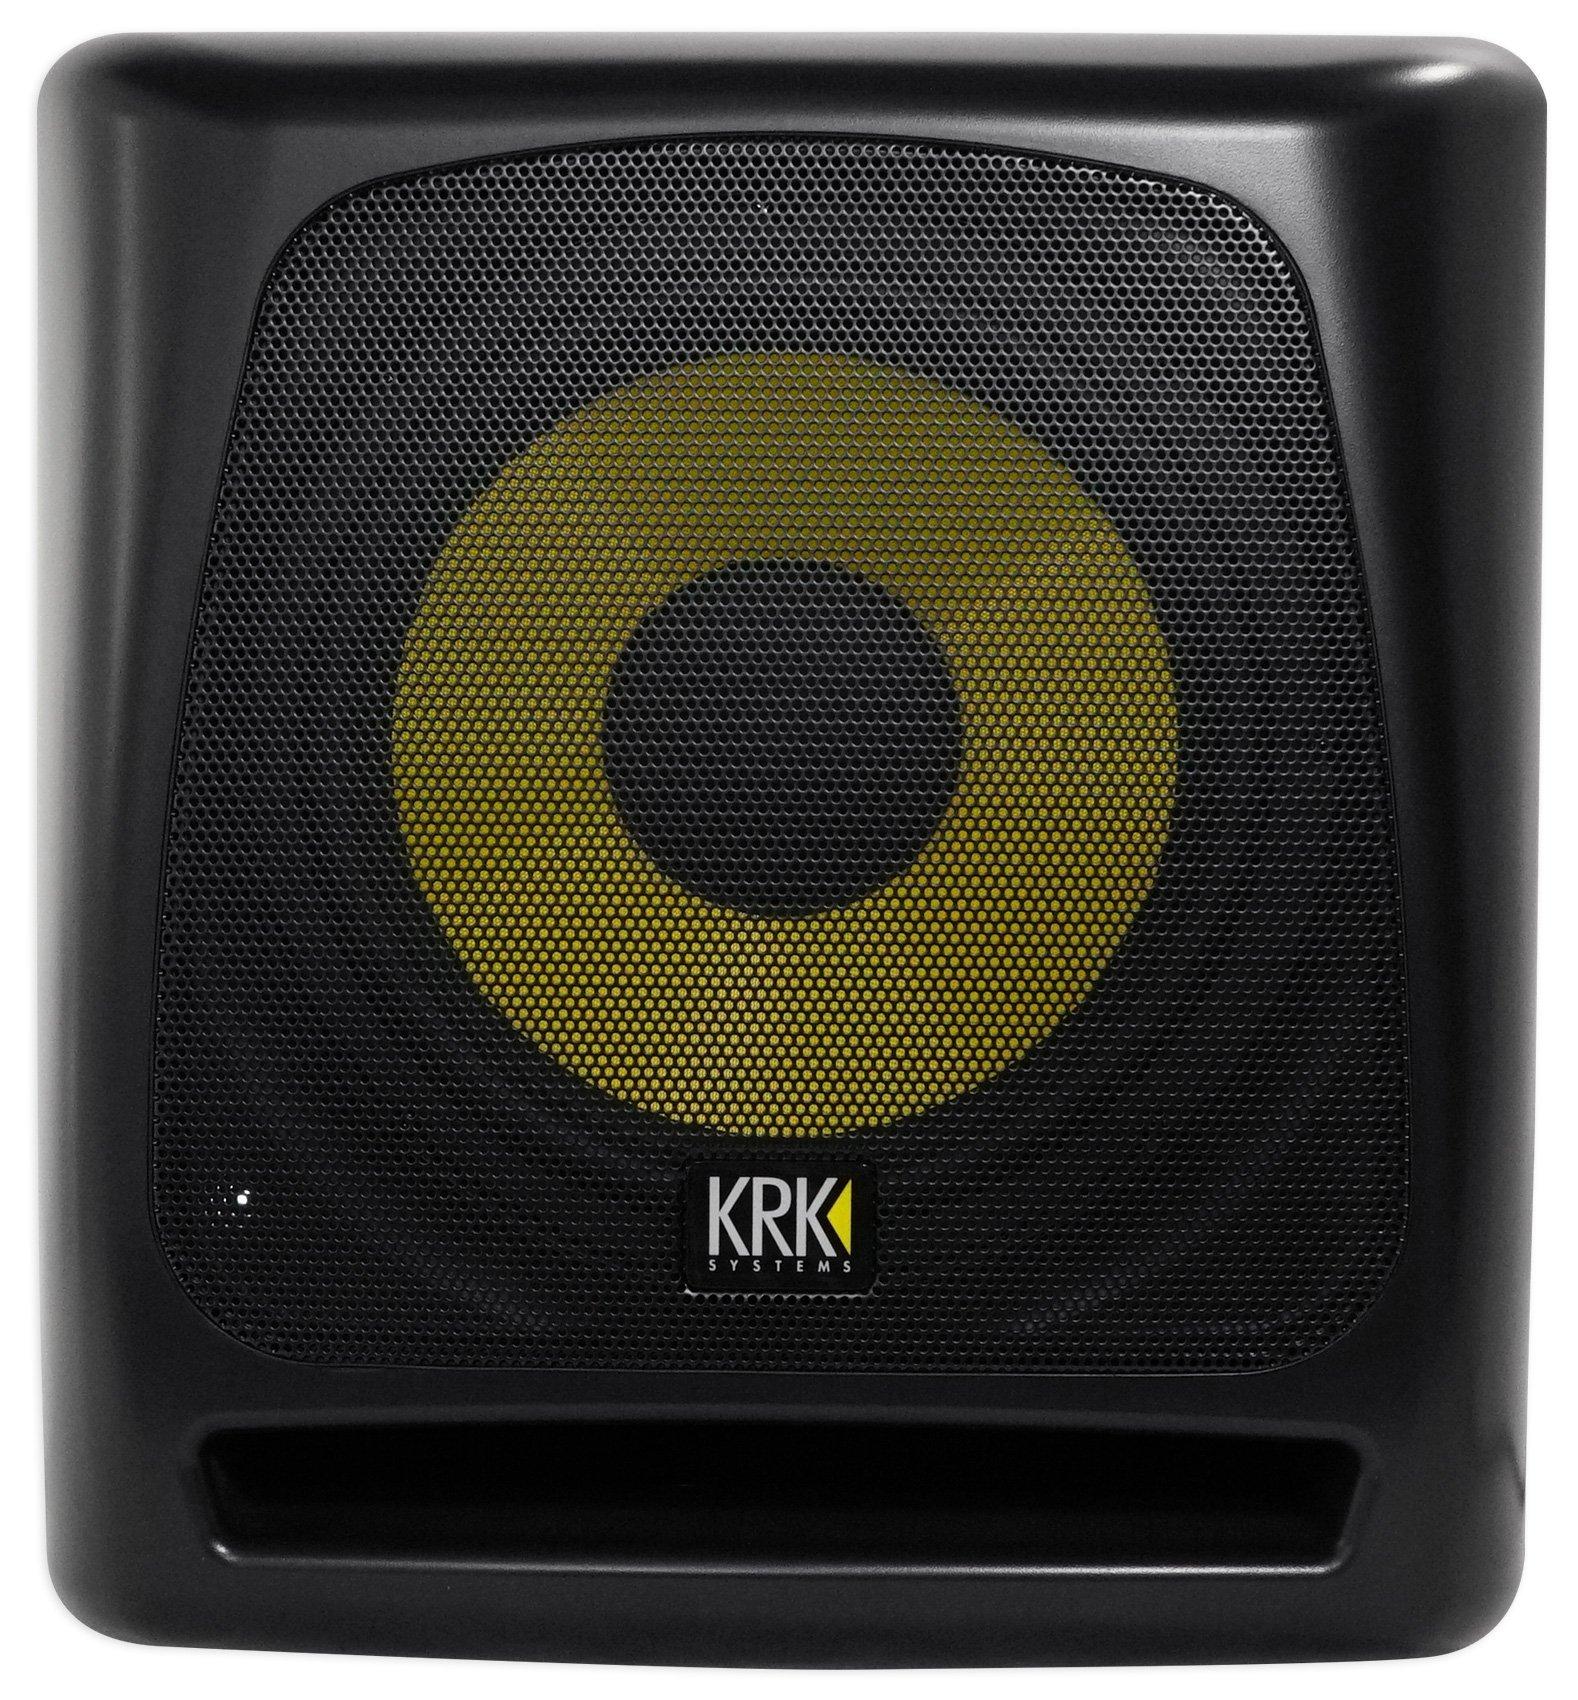 KRK 10S2 V2 10'' 160 Watt Powered Studio Monitor Subwoofer